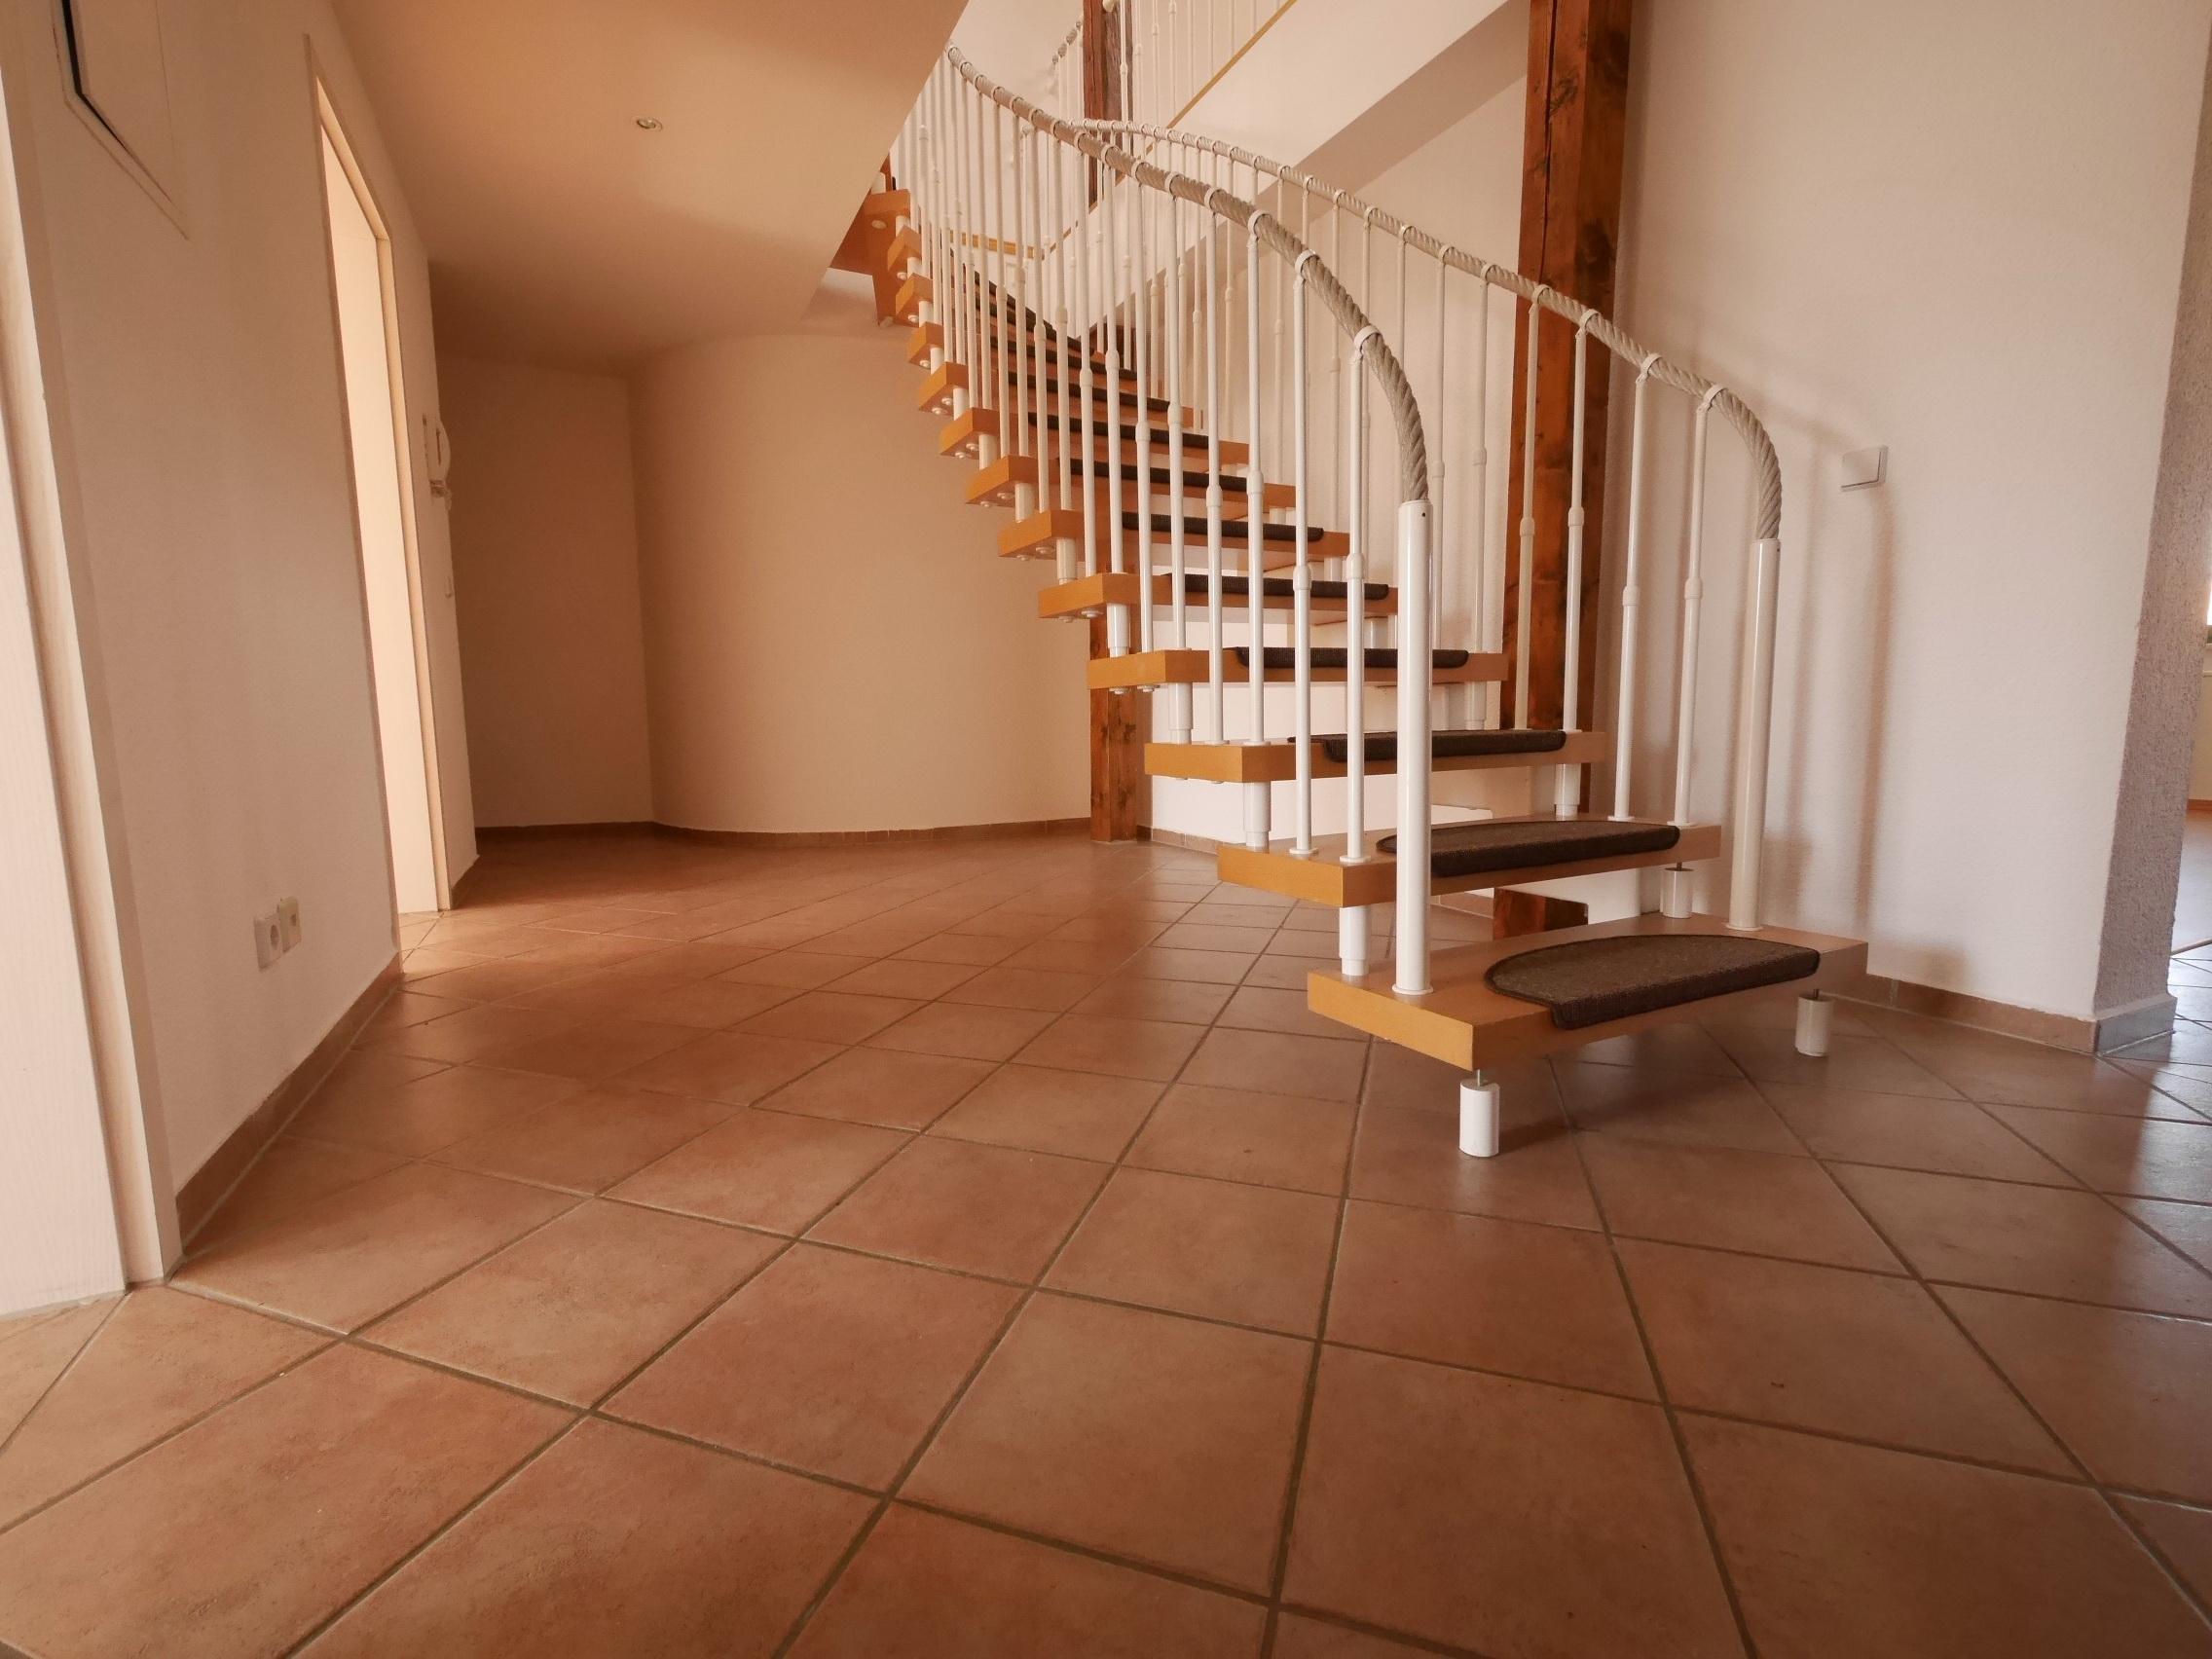 Mietwohnung: Vermietung von 4-Raum-Maisonette-Wohnung in Görlitz, Biesnitzer Straße 16